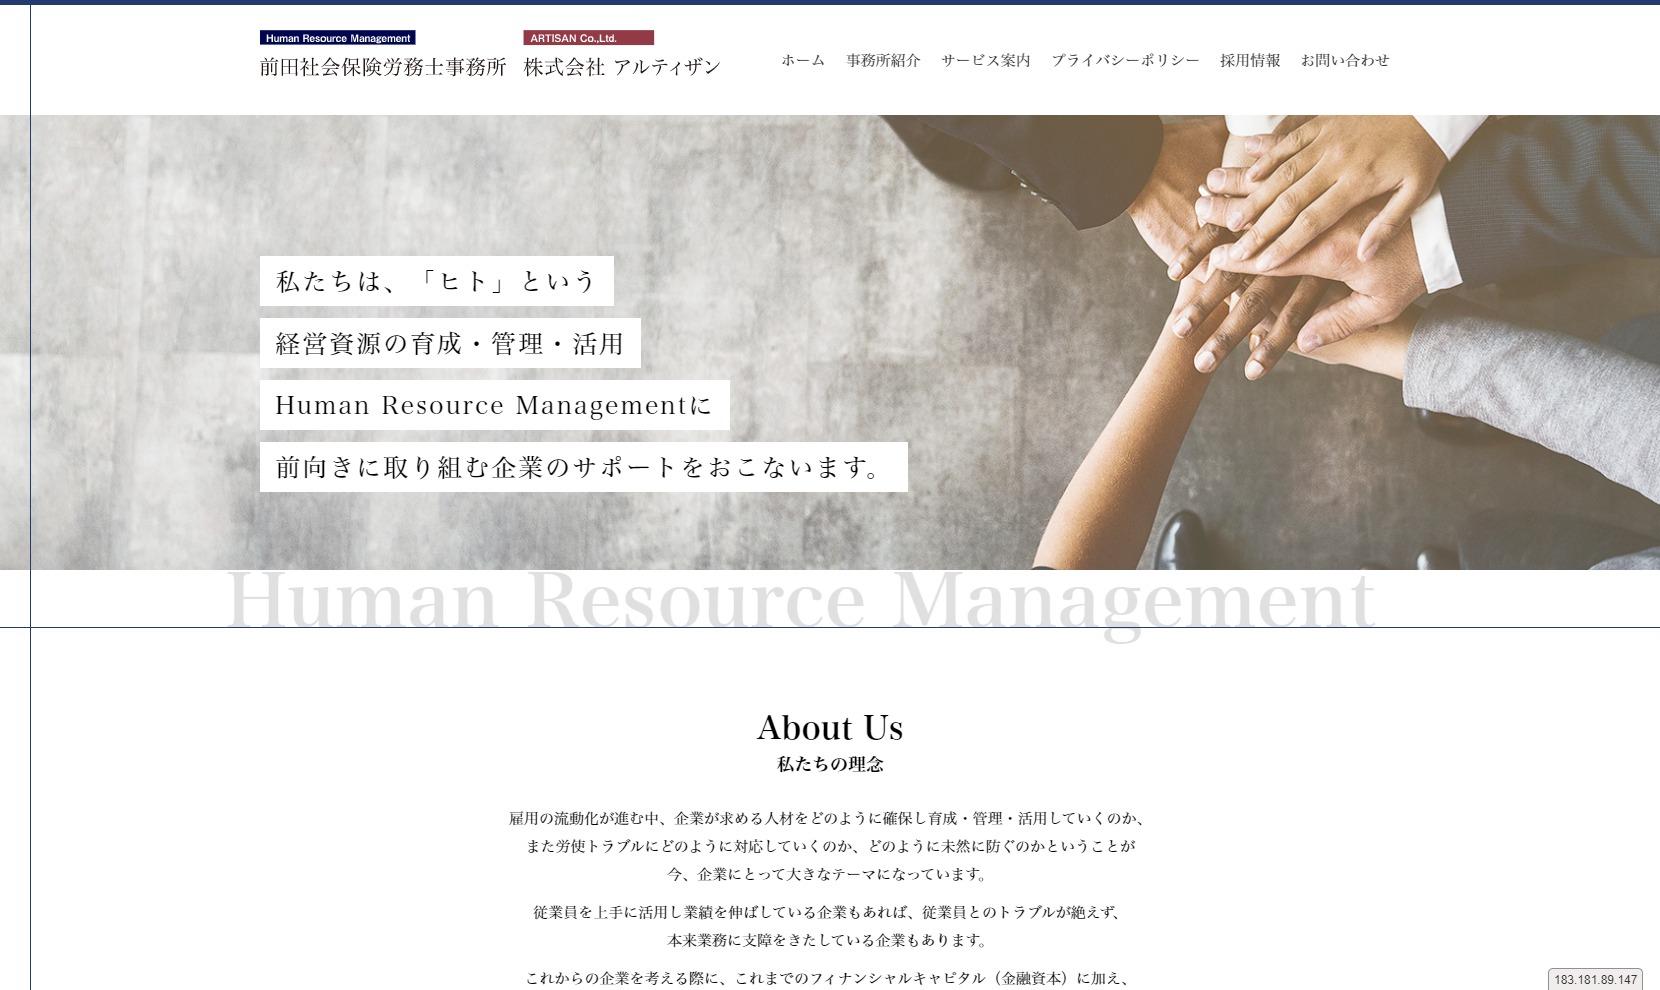 前田社会保険労務士事務所・株式会社アルティザンのホームページ